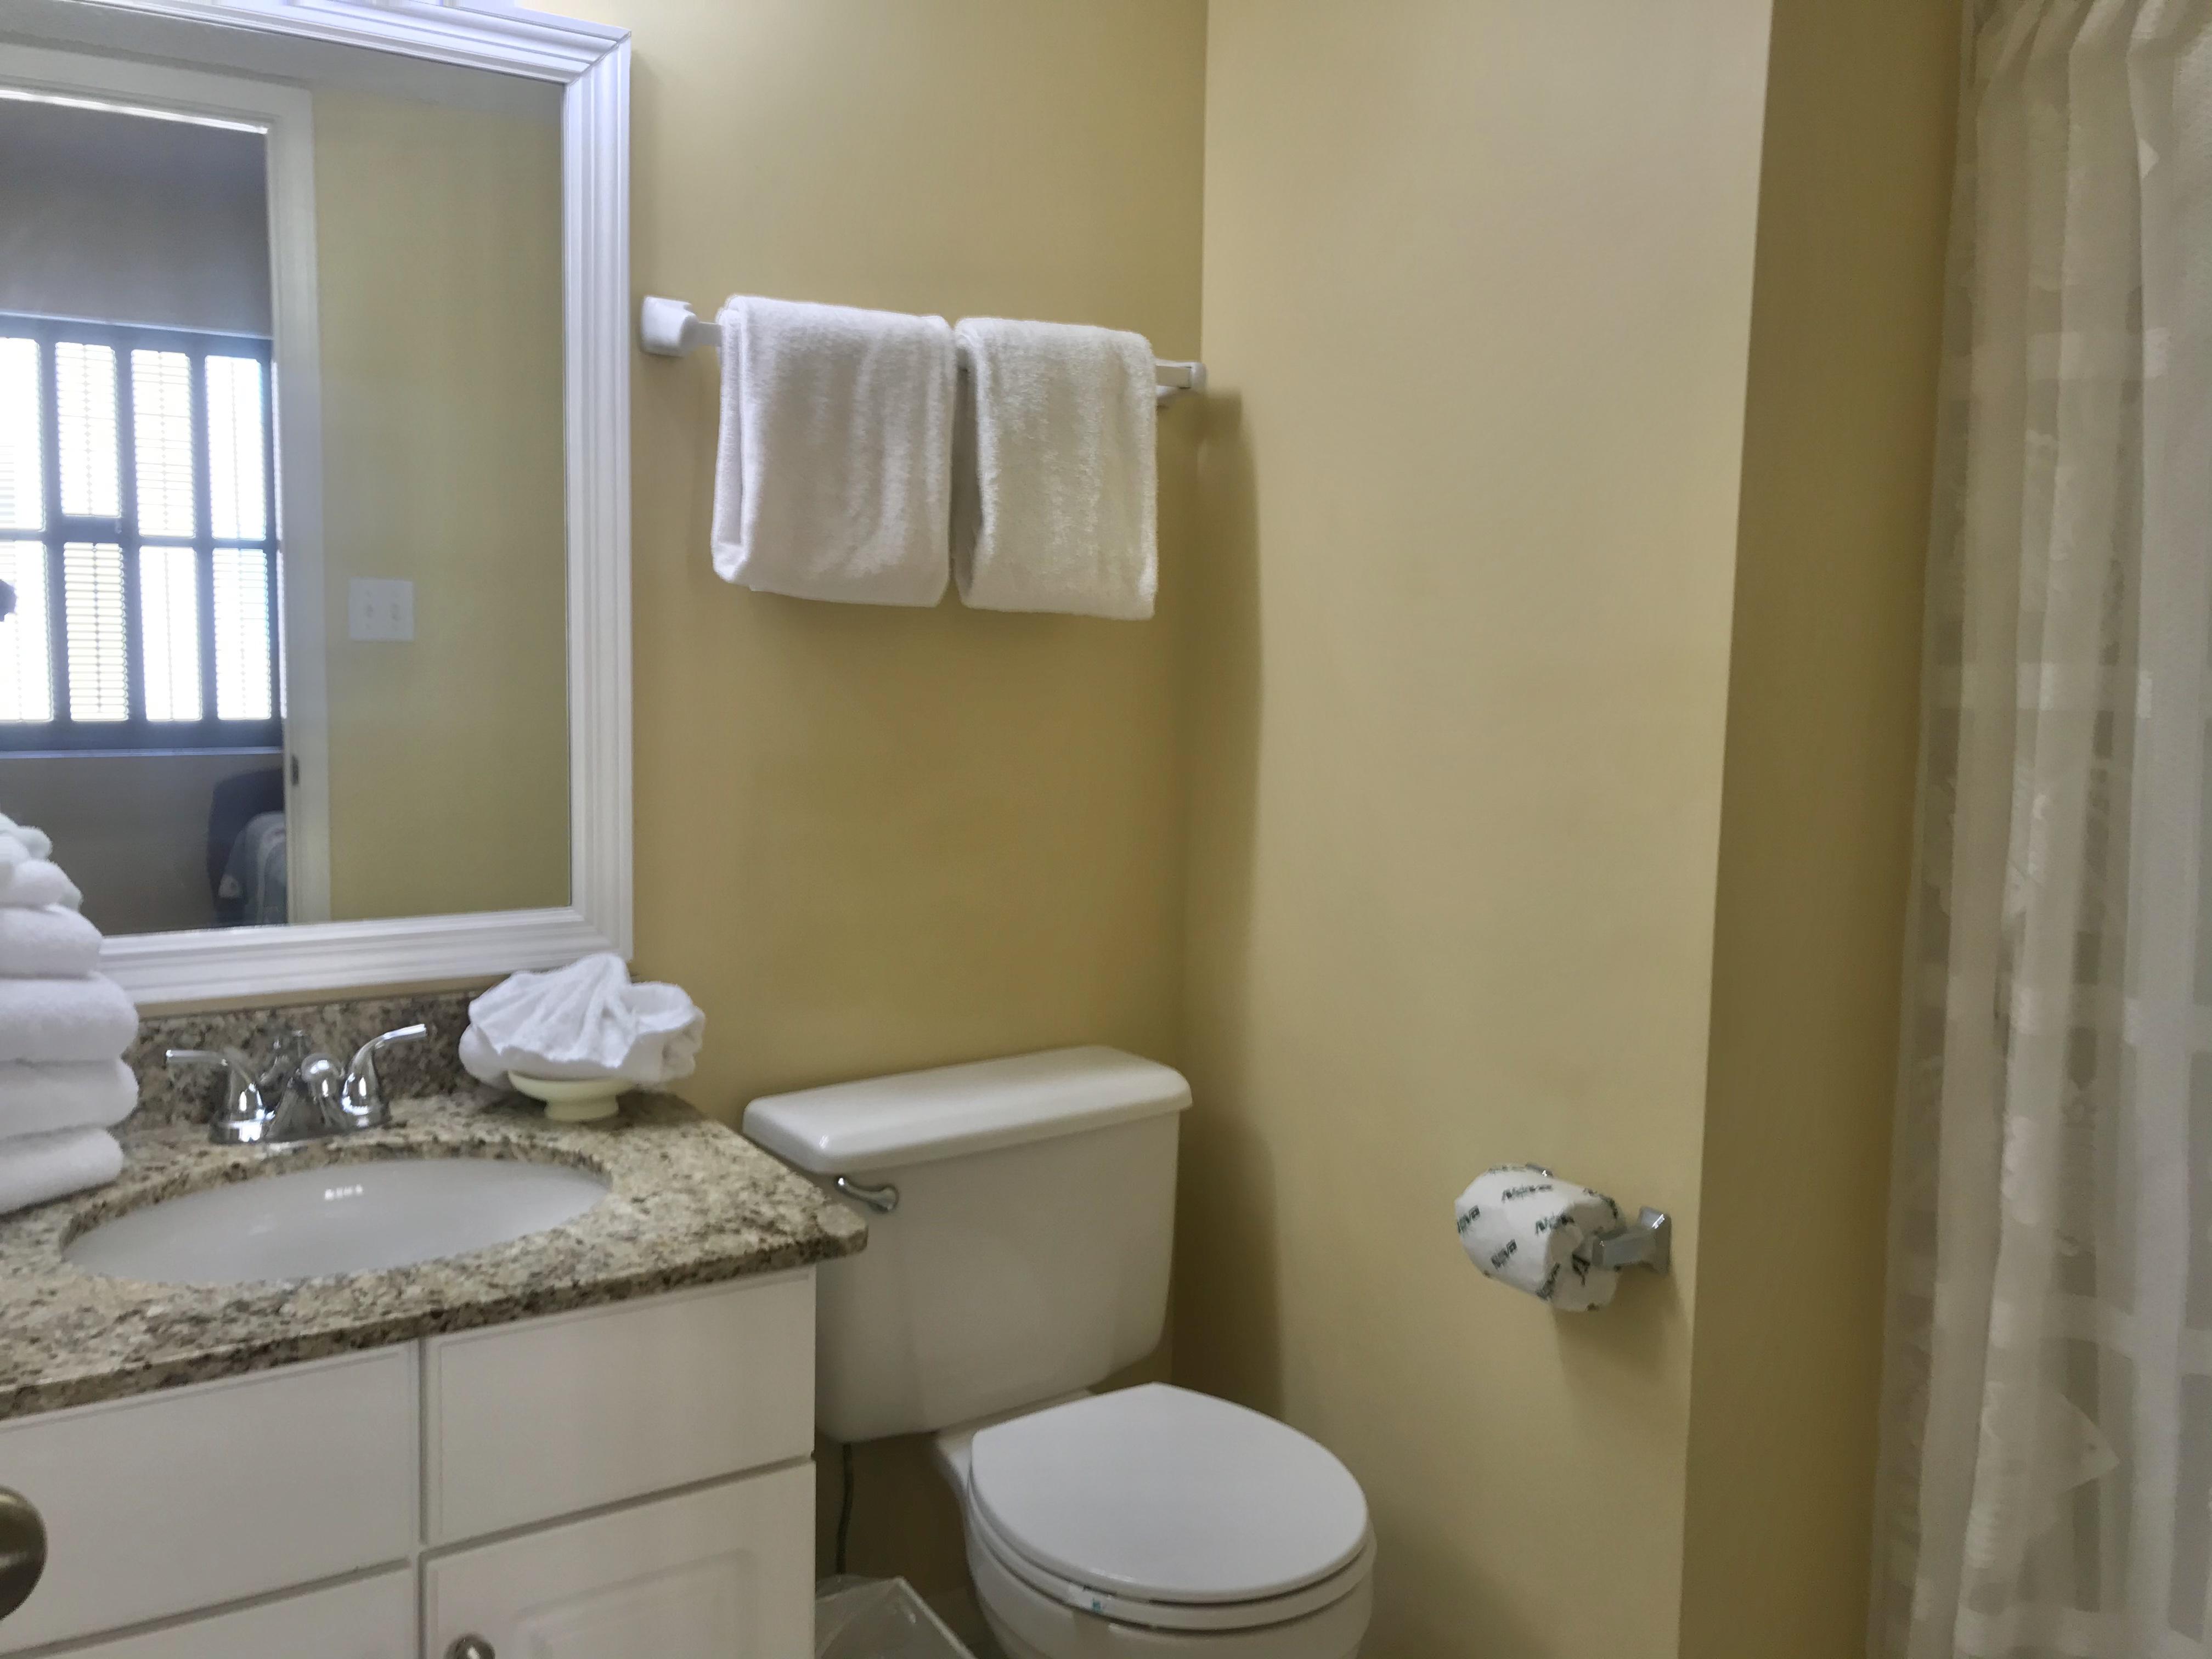 Ocean House 1706 Condo rental in Ocean House - Gulf Shores in Gulf Shores Alabama - #37